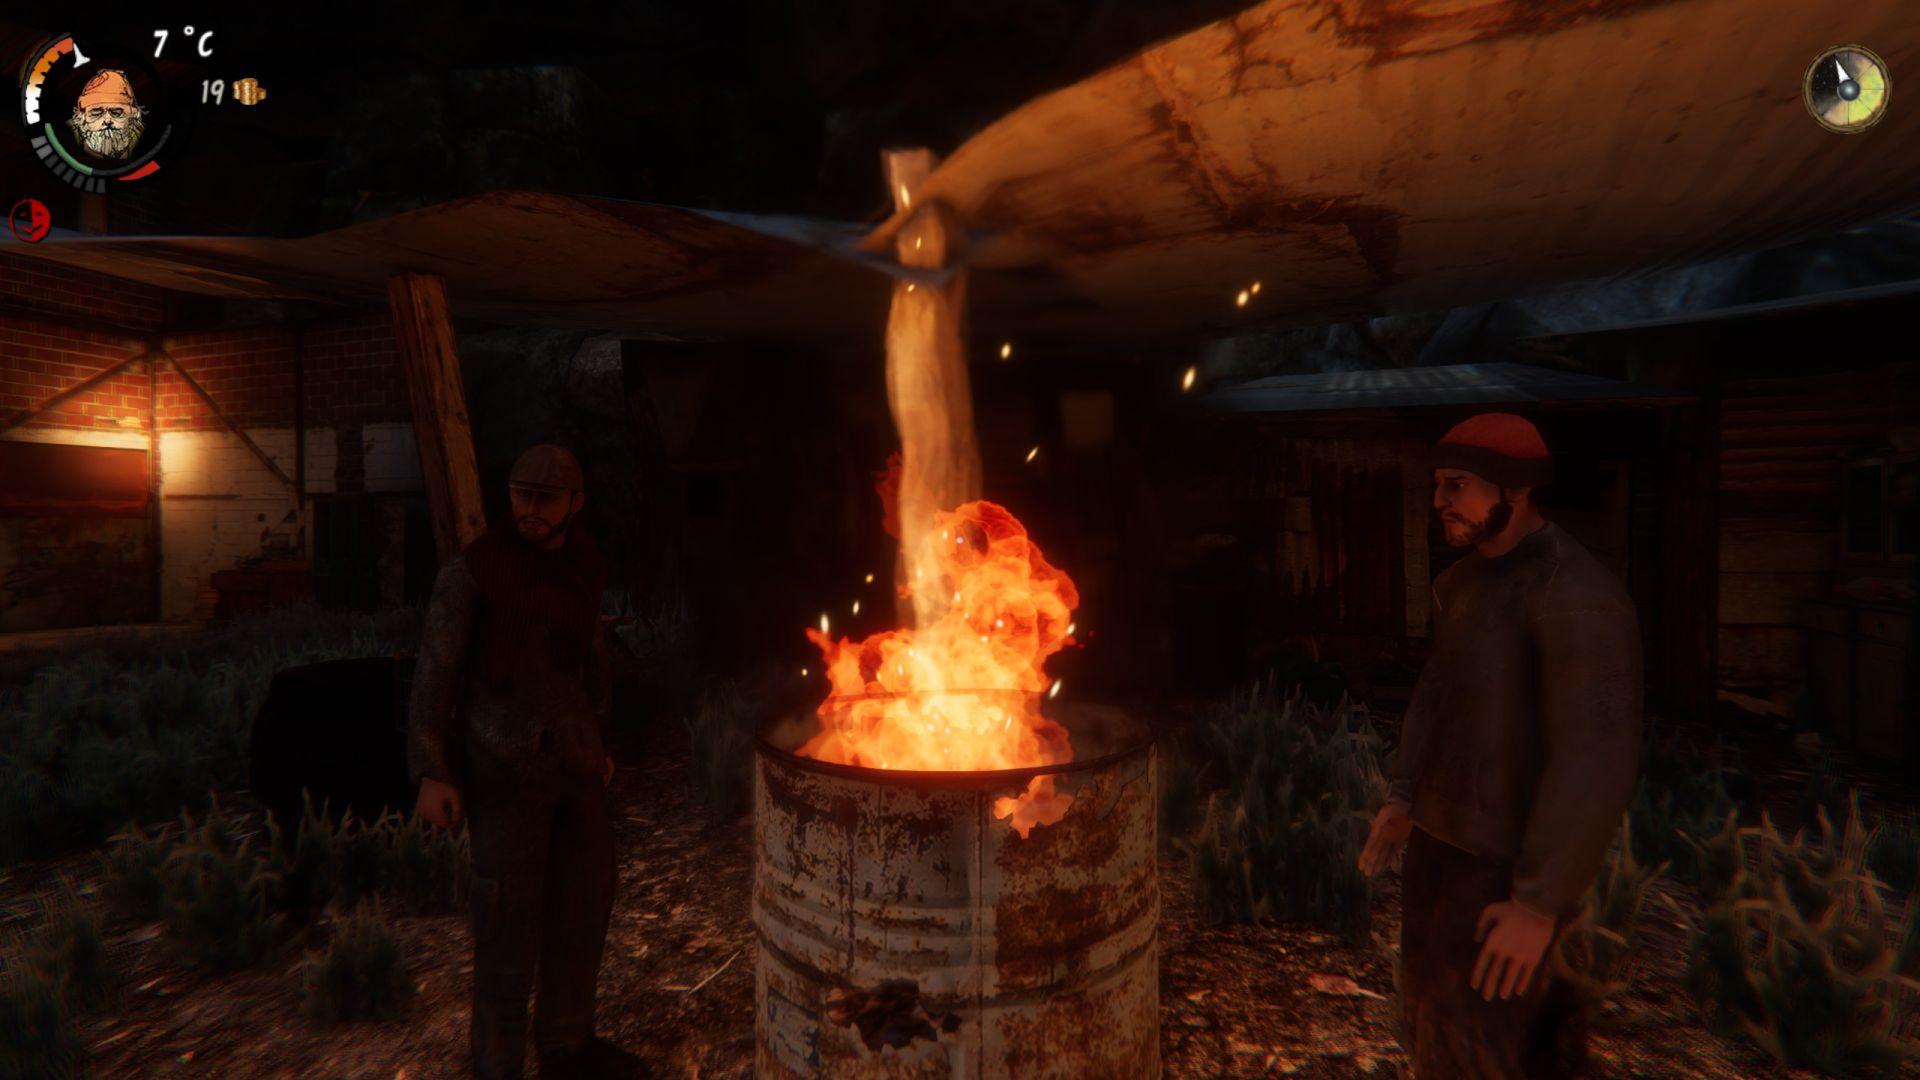 Hořící barel - nejlepší kámoš bezdomovce